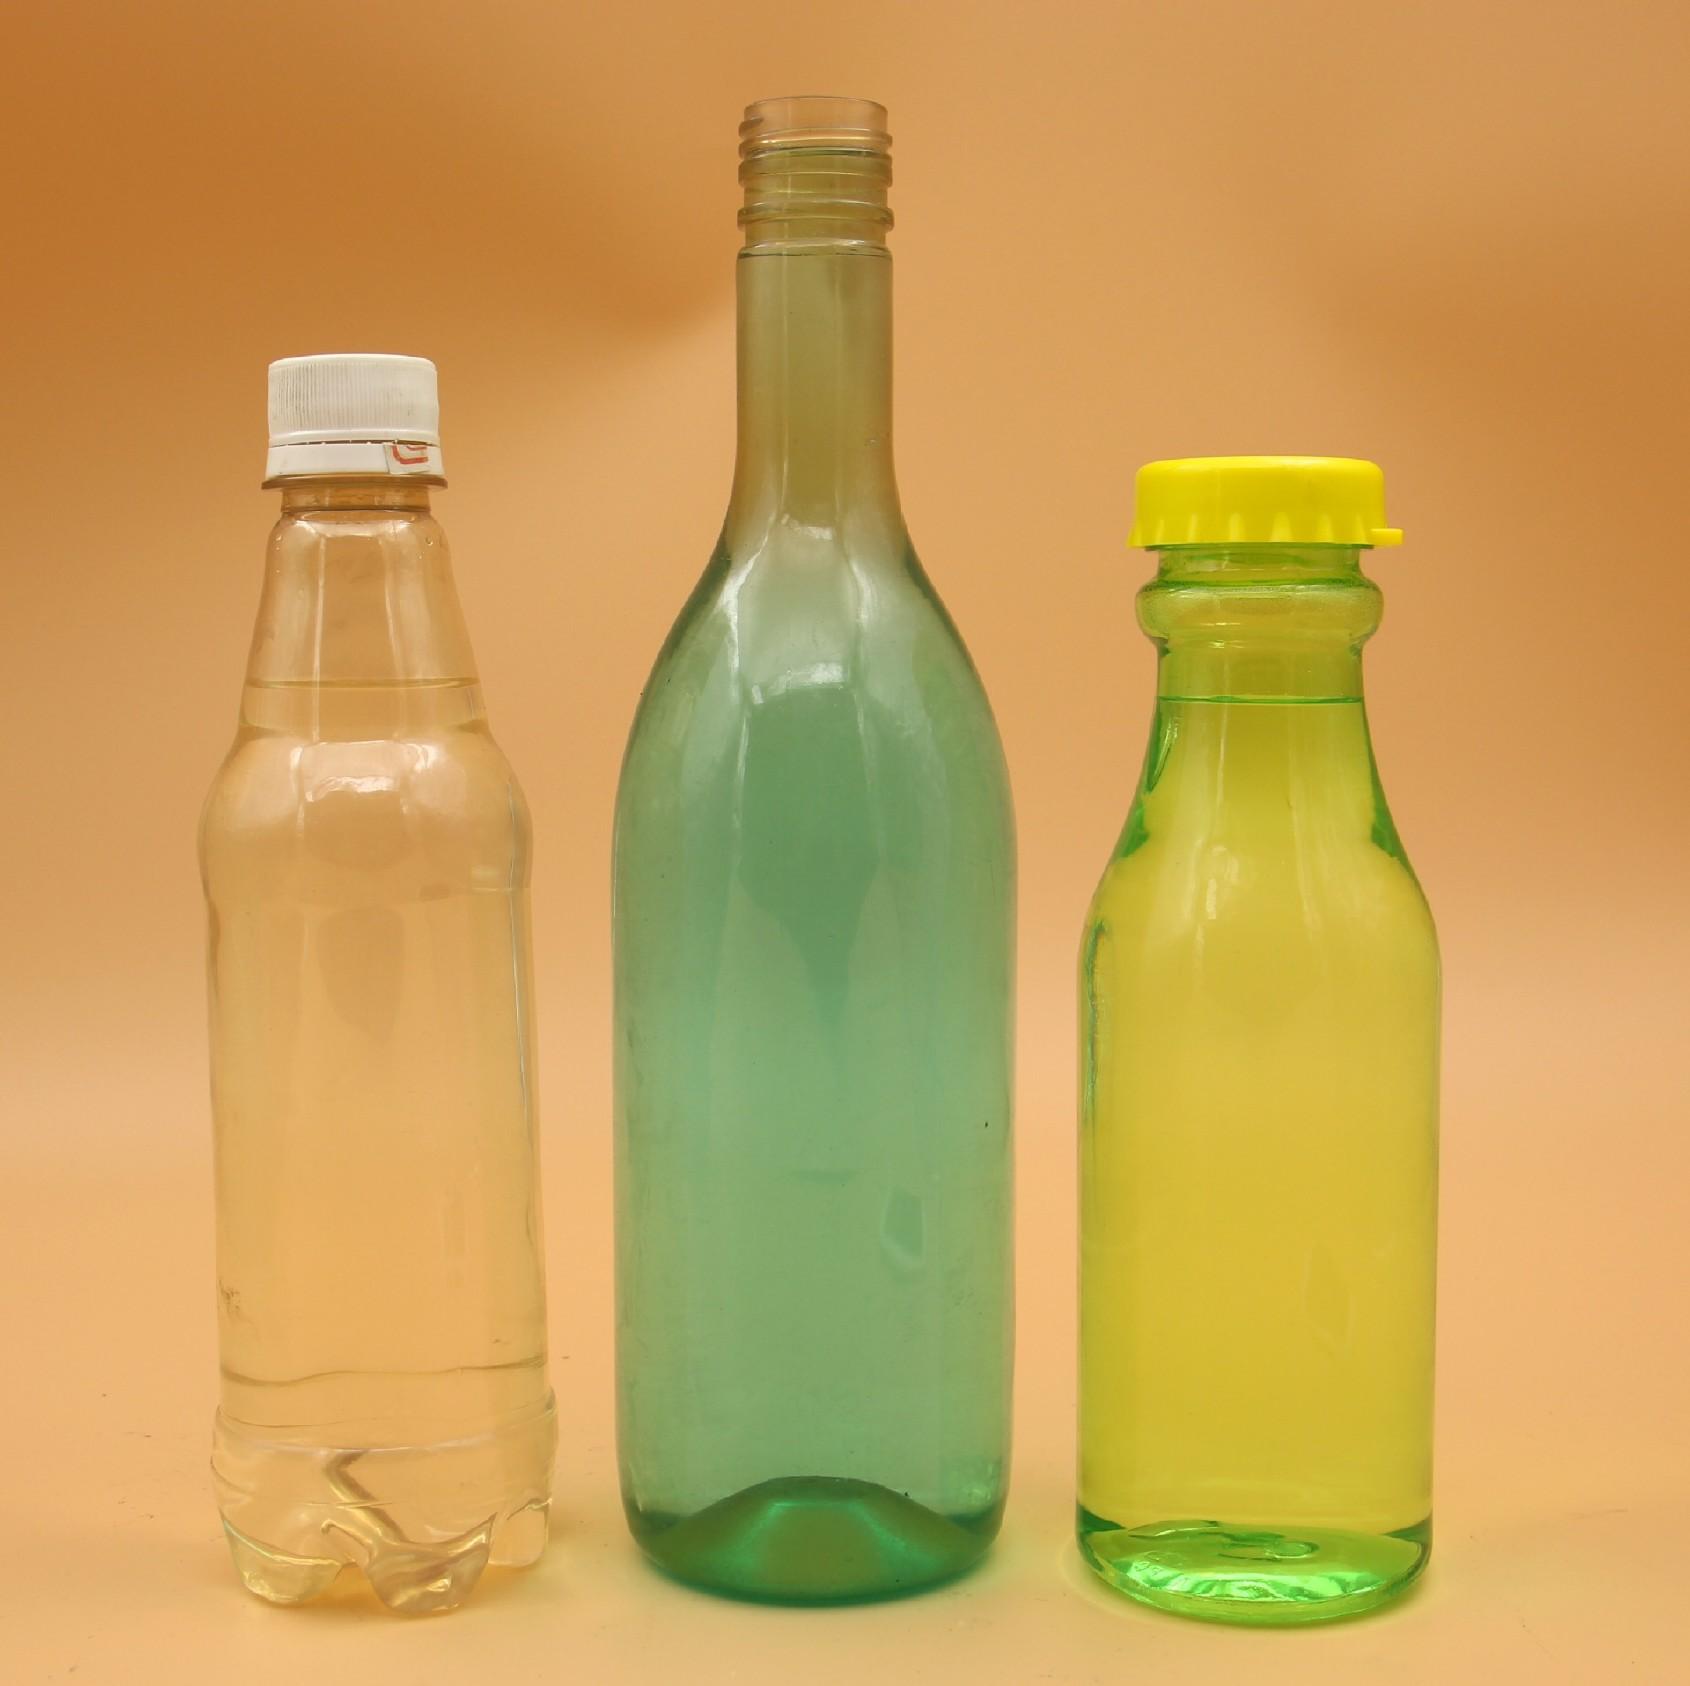 G李锦记多层浙江海天高阻隔耗油酱汁瓶塑鸡腿用放味精么图片